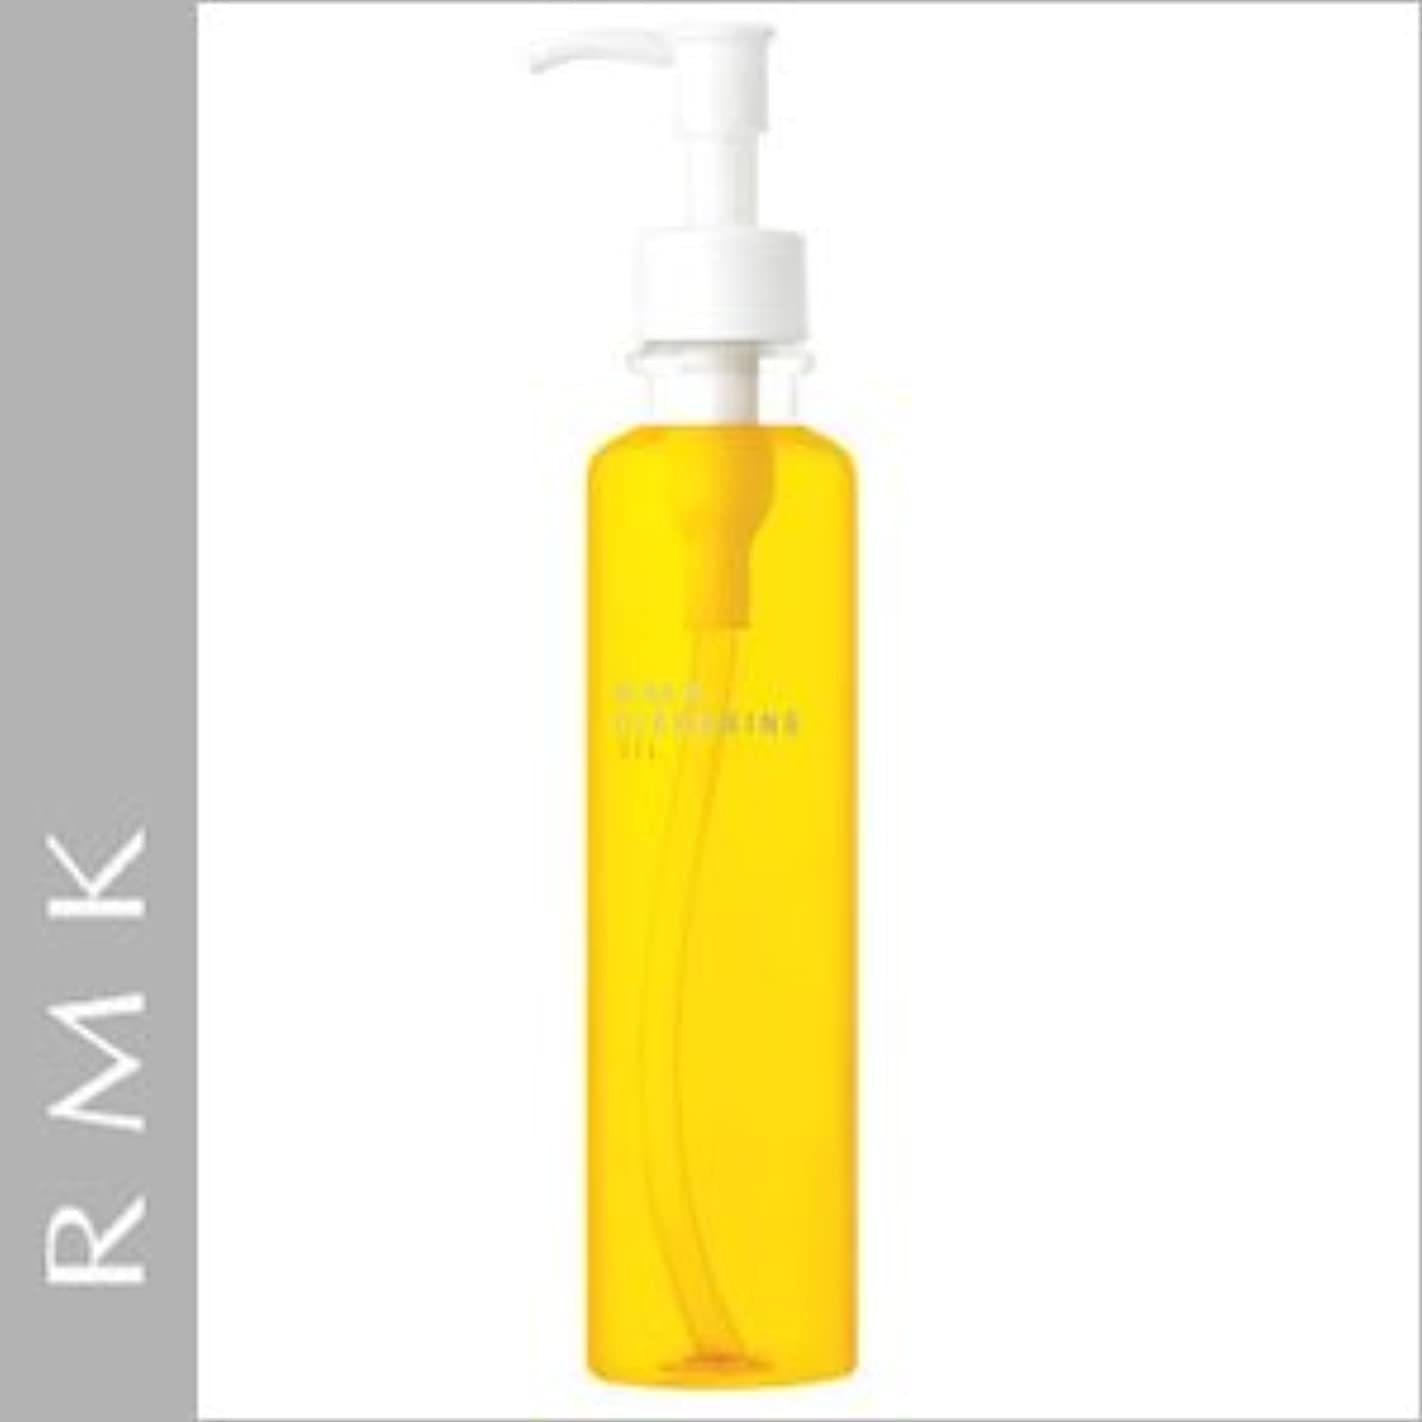 レンズ咽頭深くRMK アールエムケー クレンジングオイル(S) 175ml [並行輸入品]